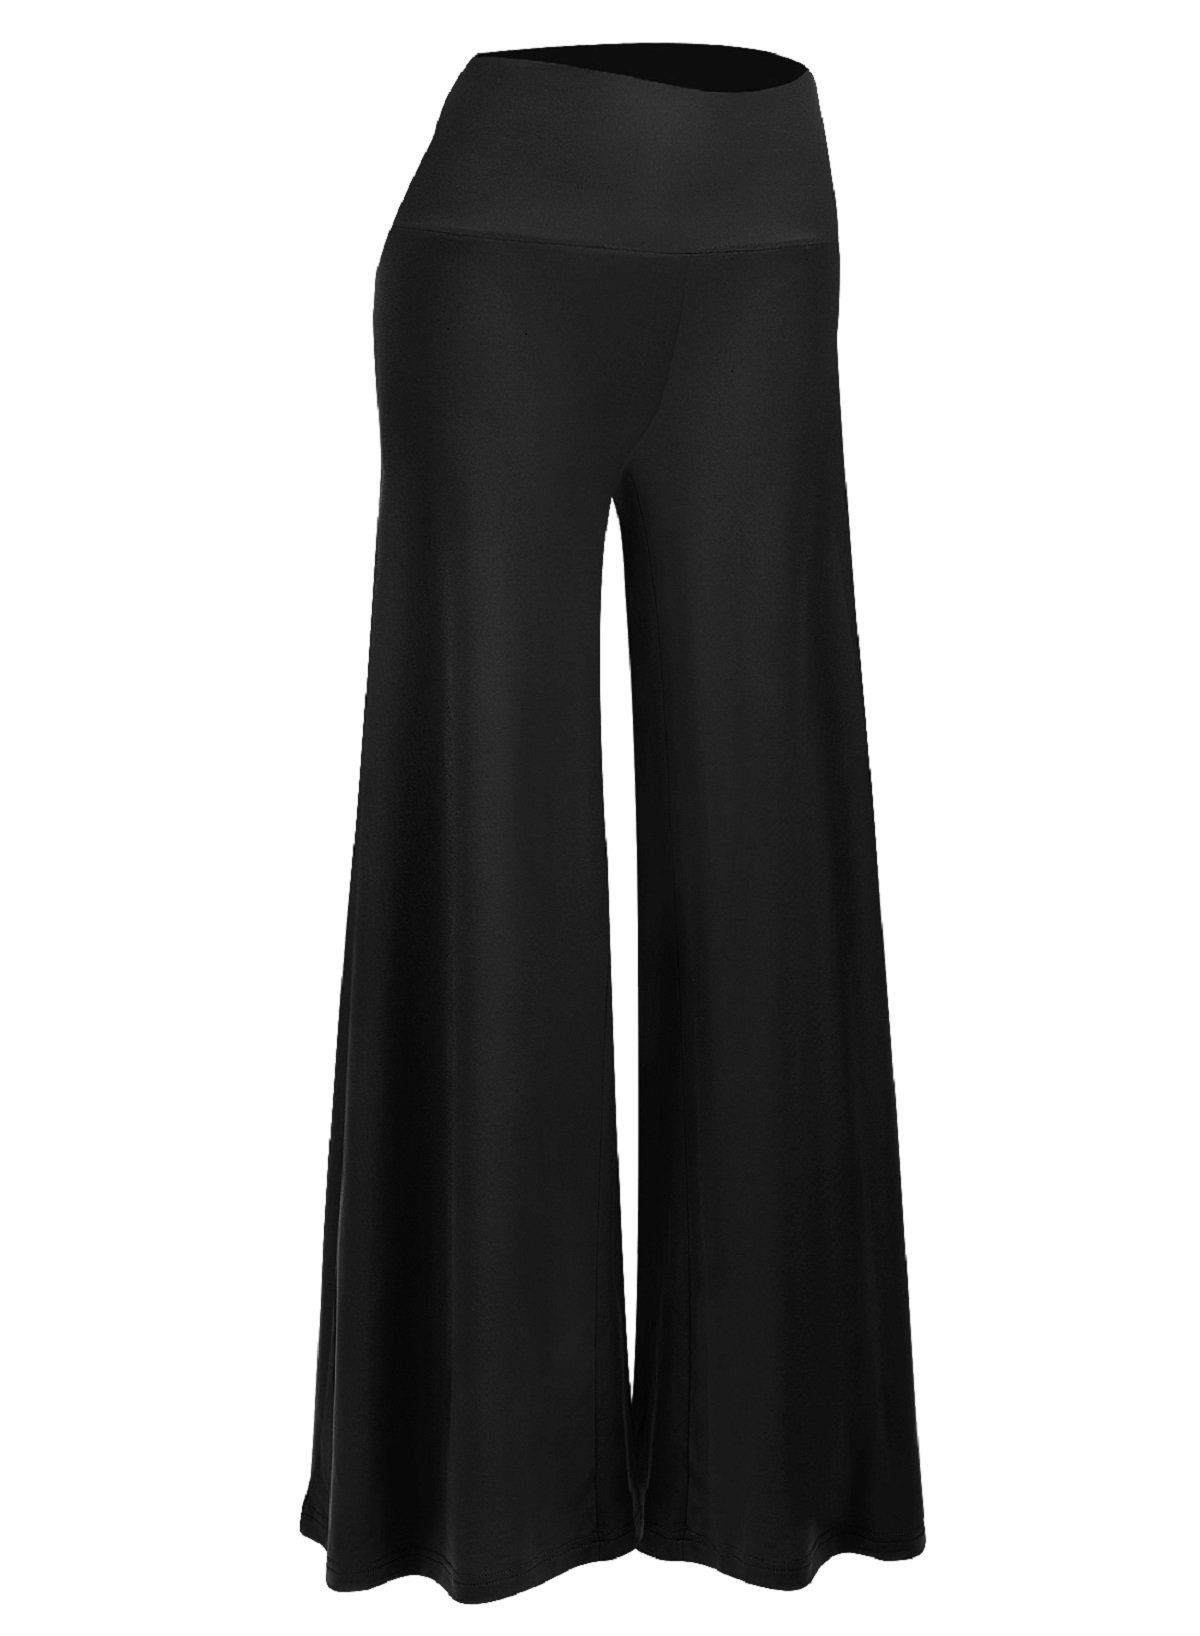 Arolina Women's Stretchy Wide Leg Palazzo Lounge Pants(Black,3XL)